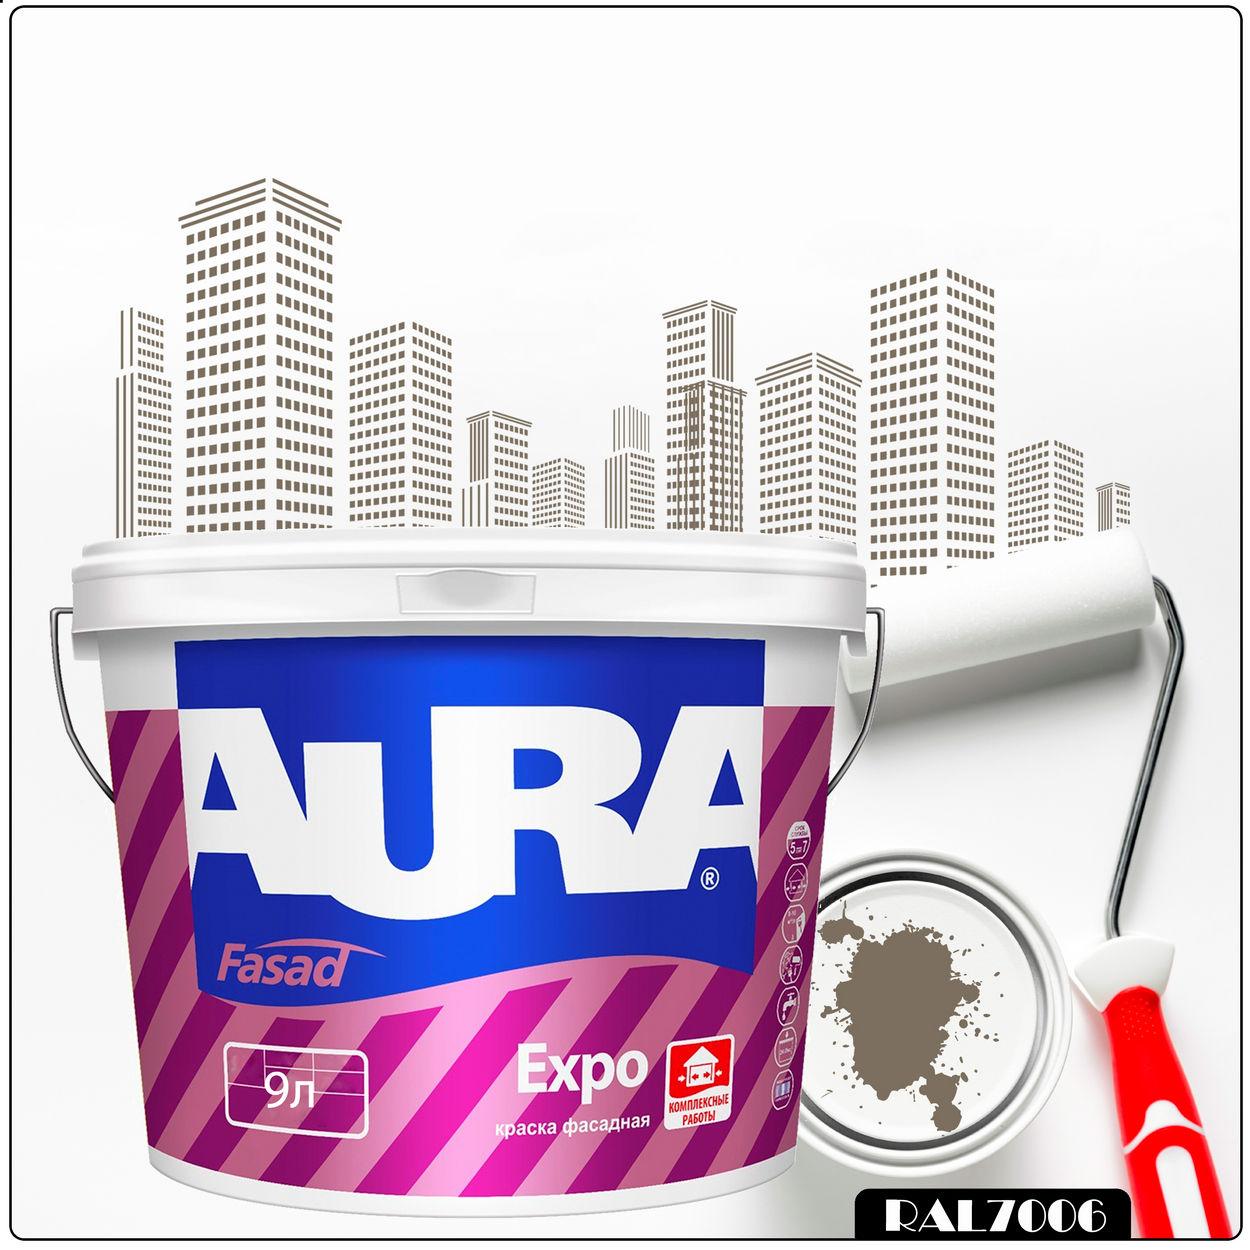 Фото 7 - Краска Aura Fasad Expo, RAL 7006 Бежево-серый, матовая, для фасадов и помещений с повышенной влажностью, 9л.